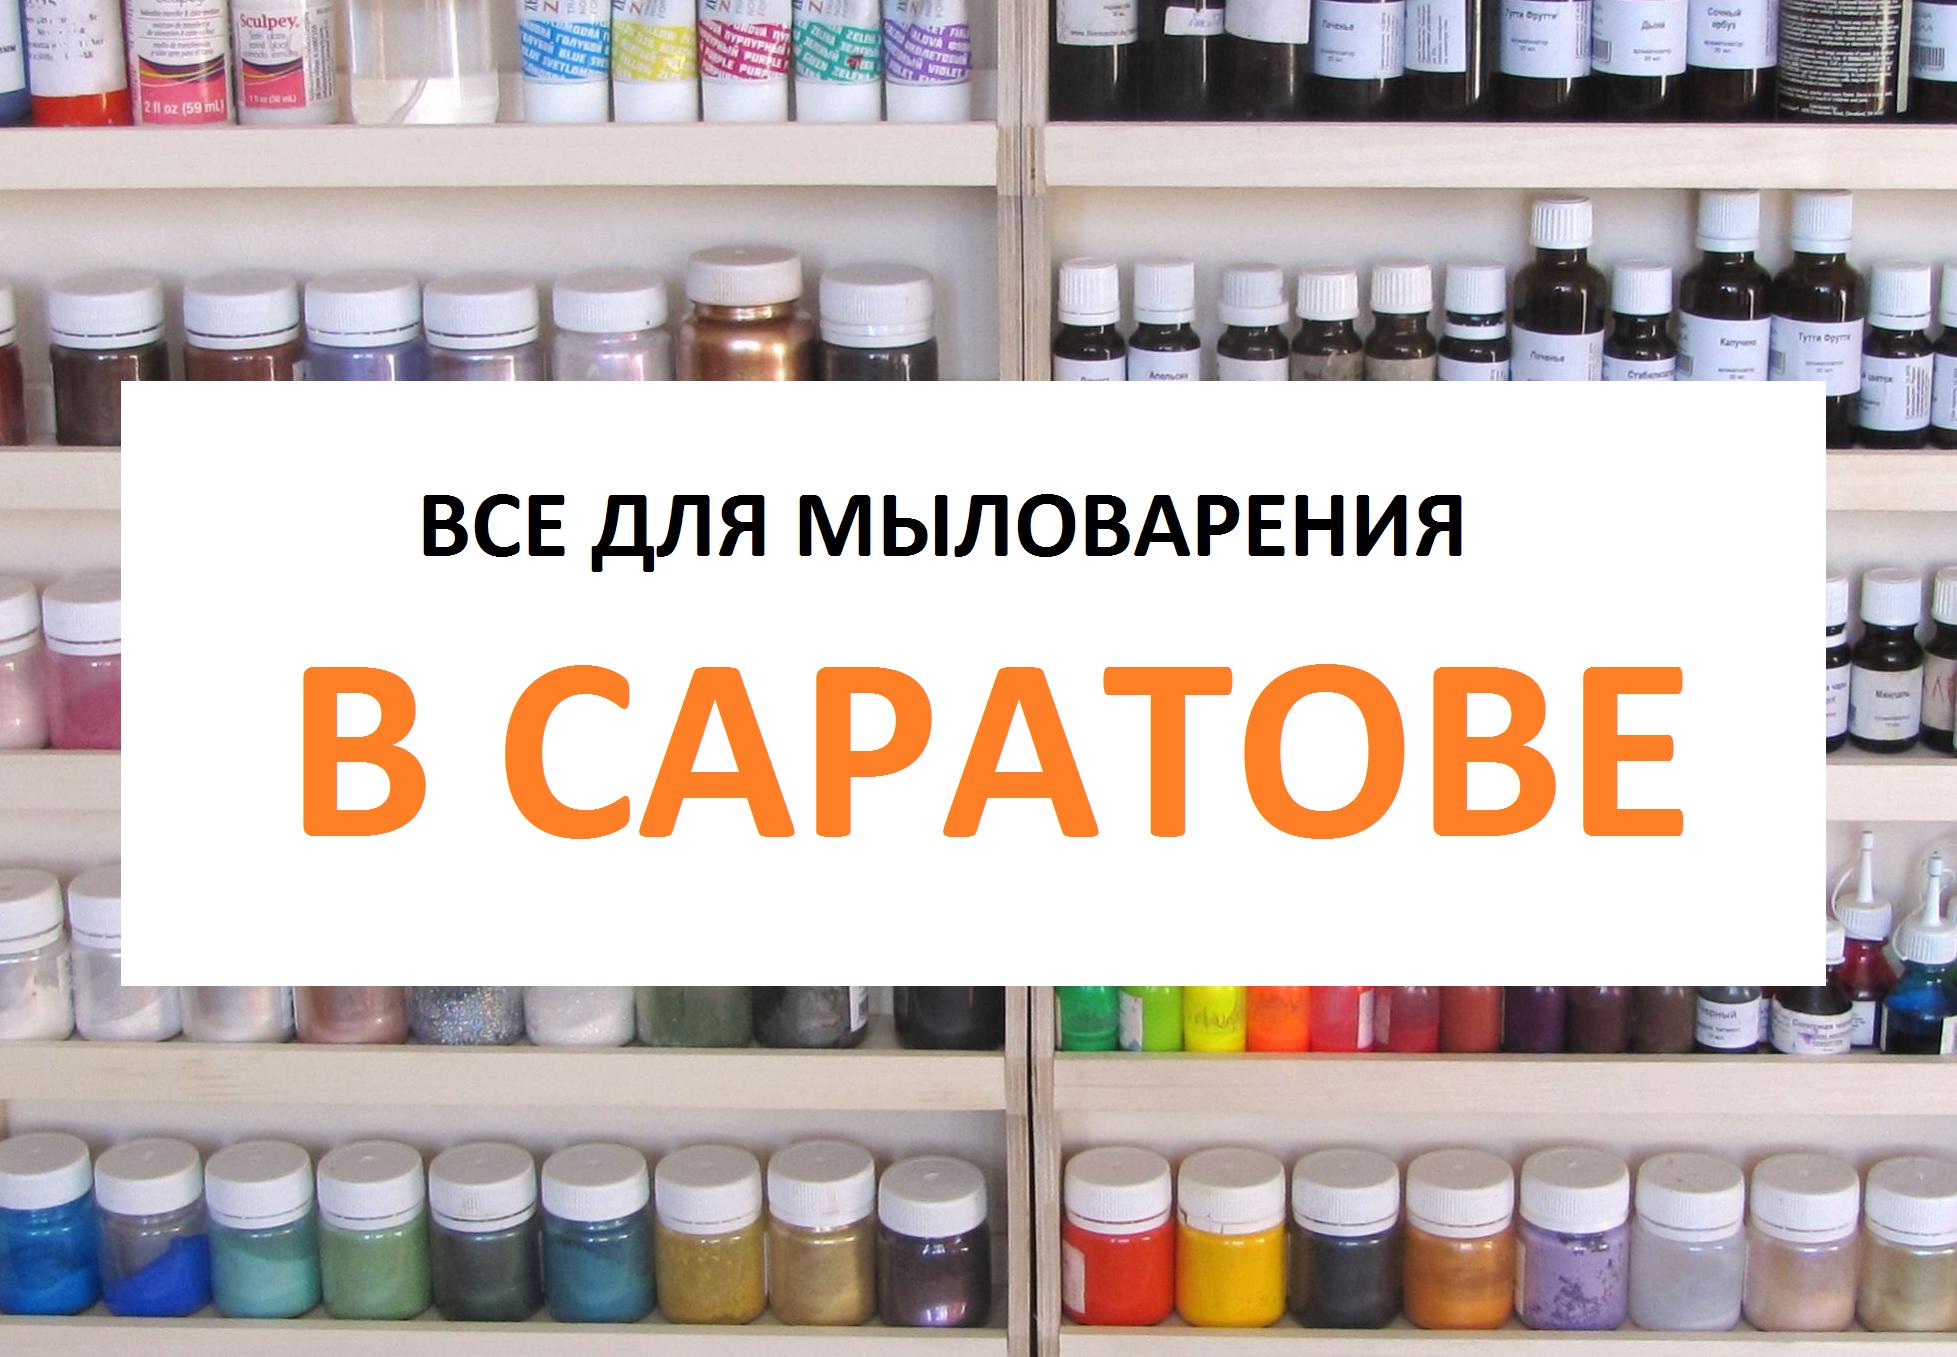 Клуб Мастеров Пермь Интернет Магазин Каталог Товаров